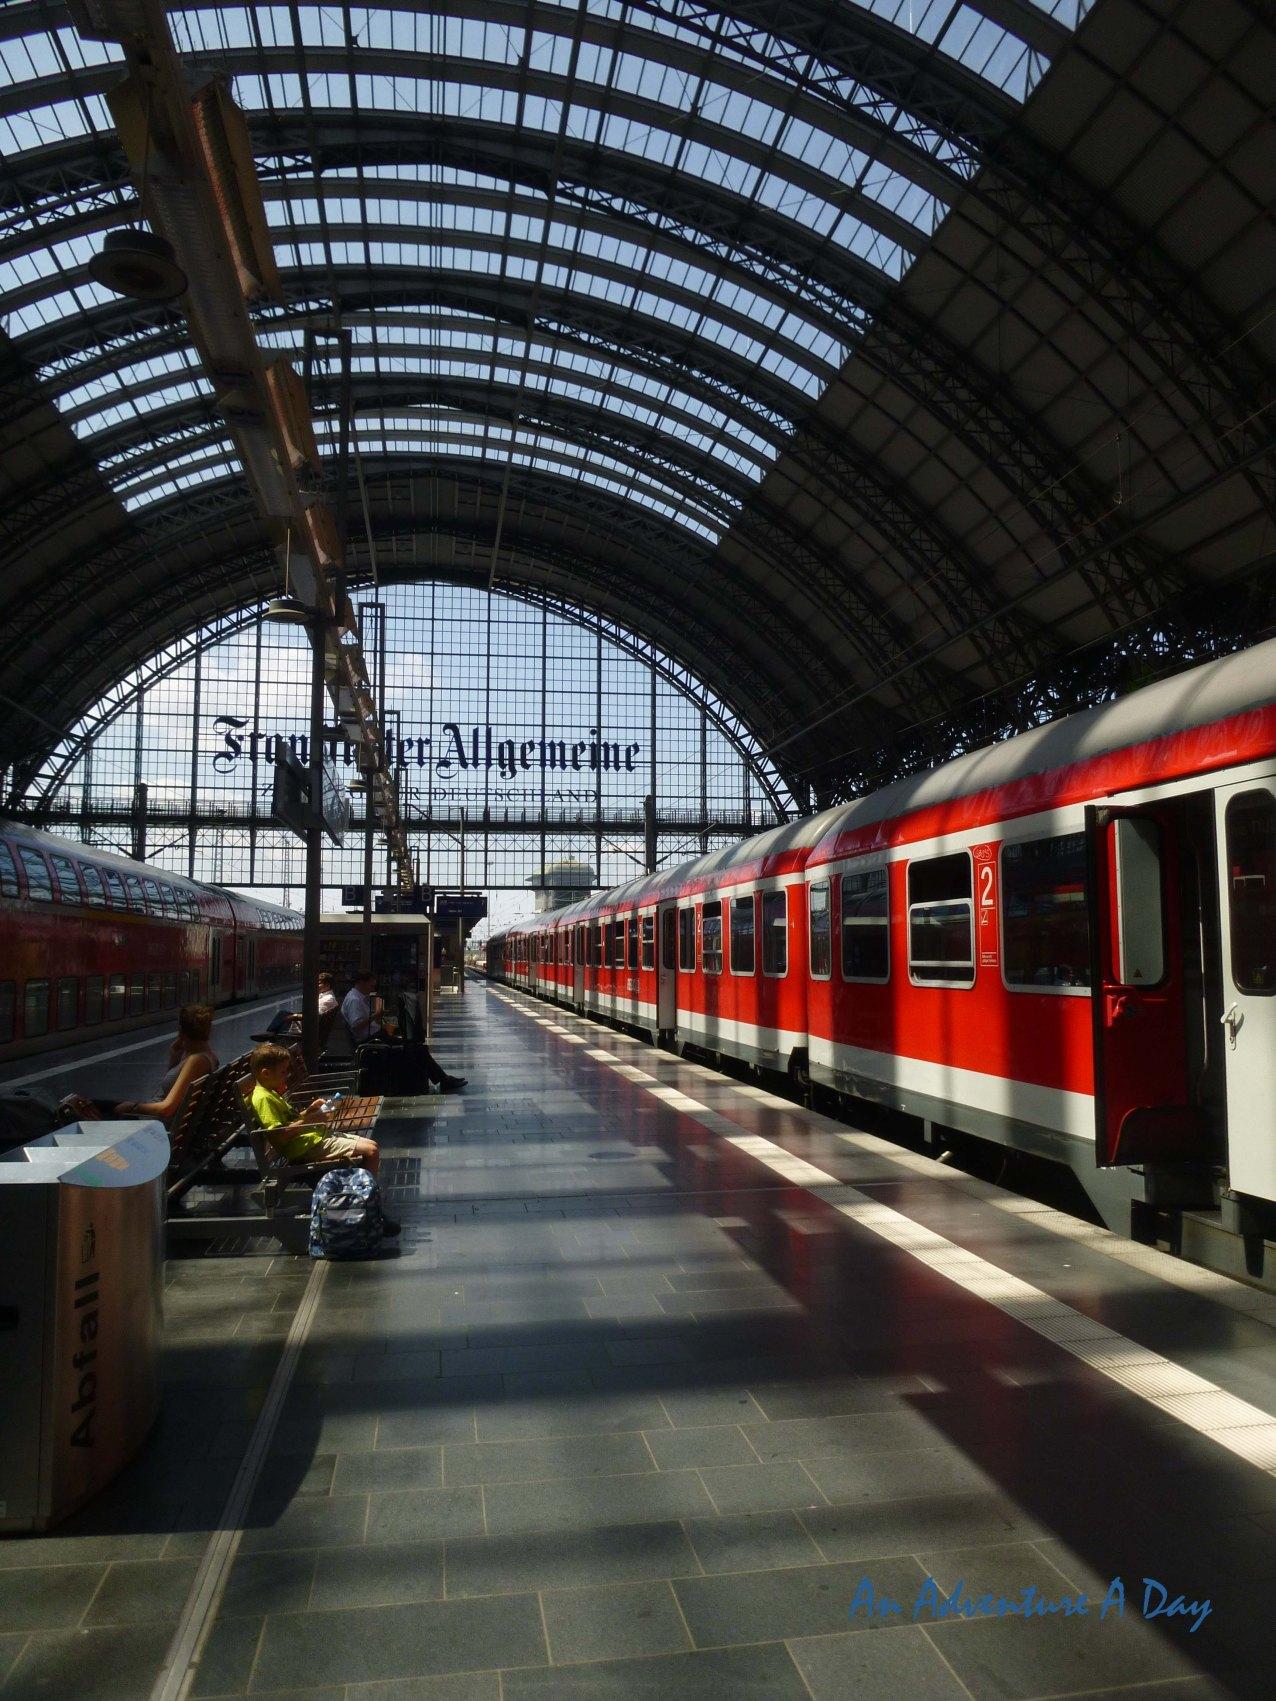 Wurzburg Foto Galerij | Uitgebreide en hoogstaande foto's van bet365 streaming live bet365 zusätzliche live-streaming ...